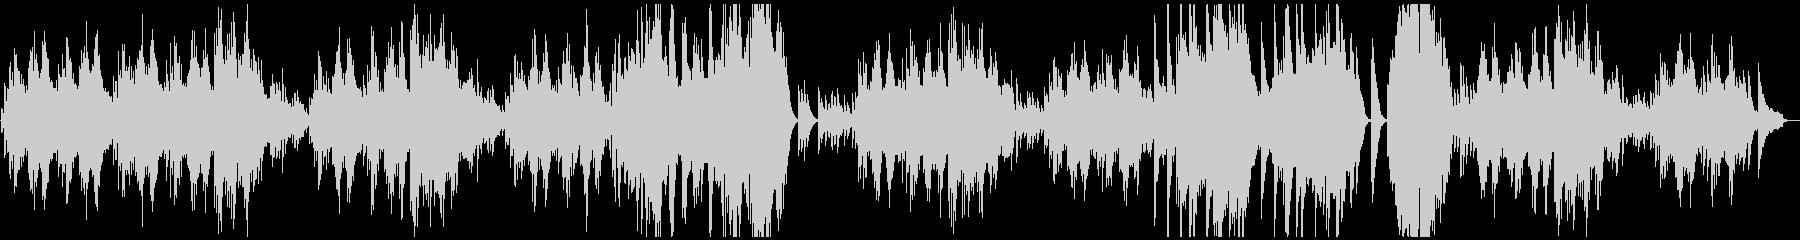 ベートーヴェン エリーゼのために ピアノの未再生の波形